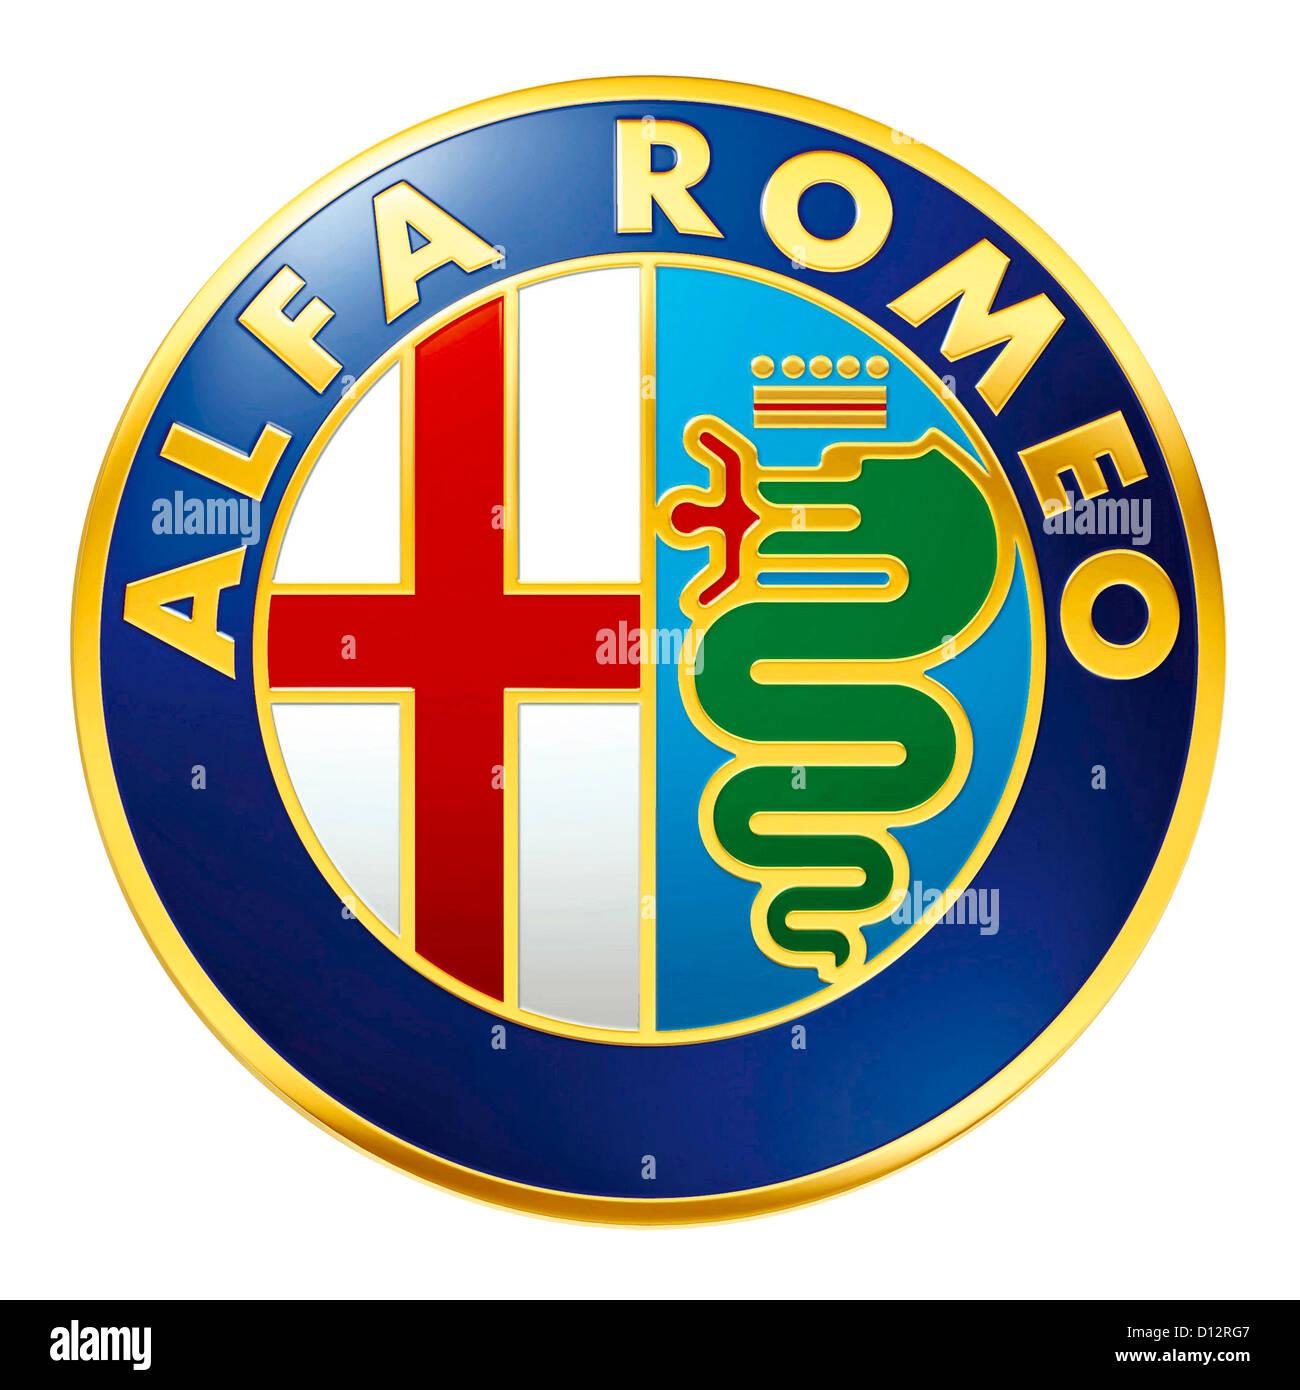 Logo der Marke Alfa Romeo des italienischen Automobilherstellers Fiat Group mit Sitz in Turin. Stockbild